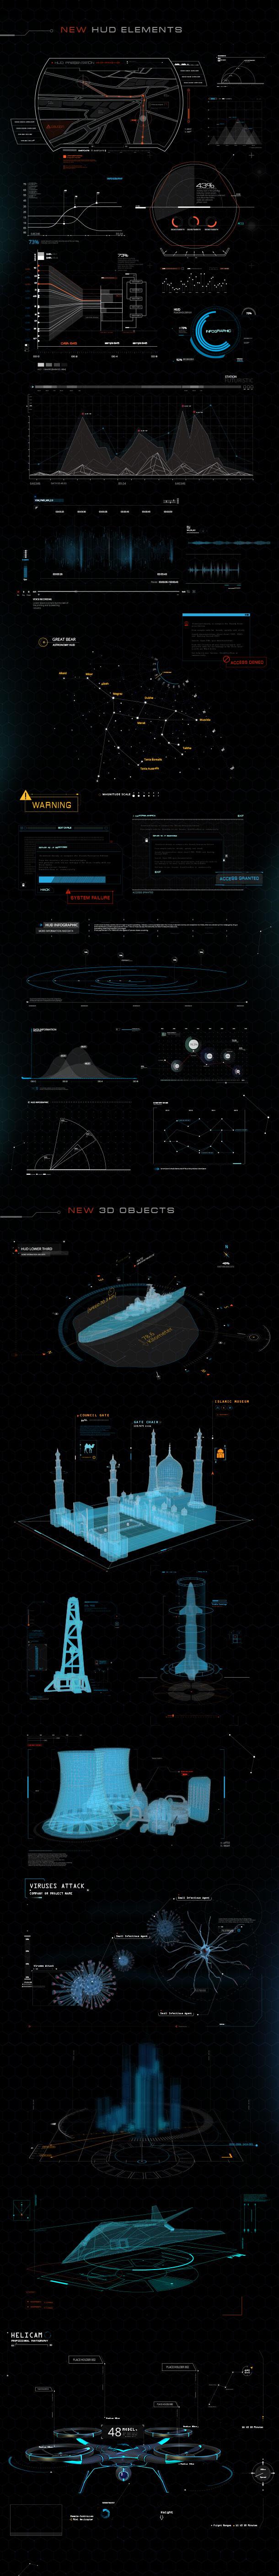 Quantum HUD Infographic - 15